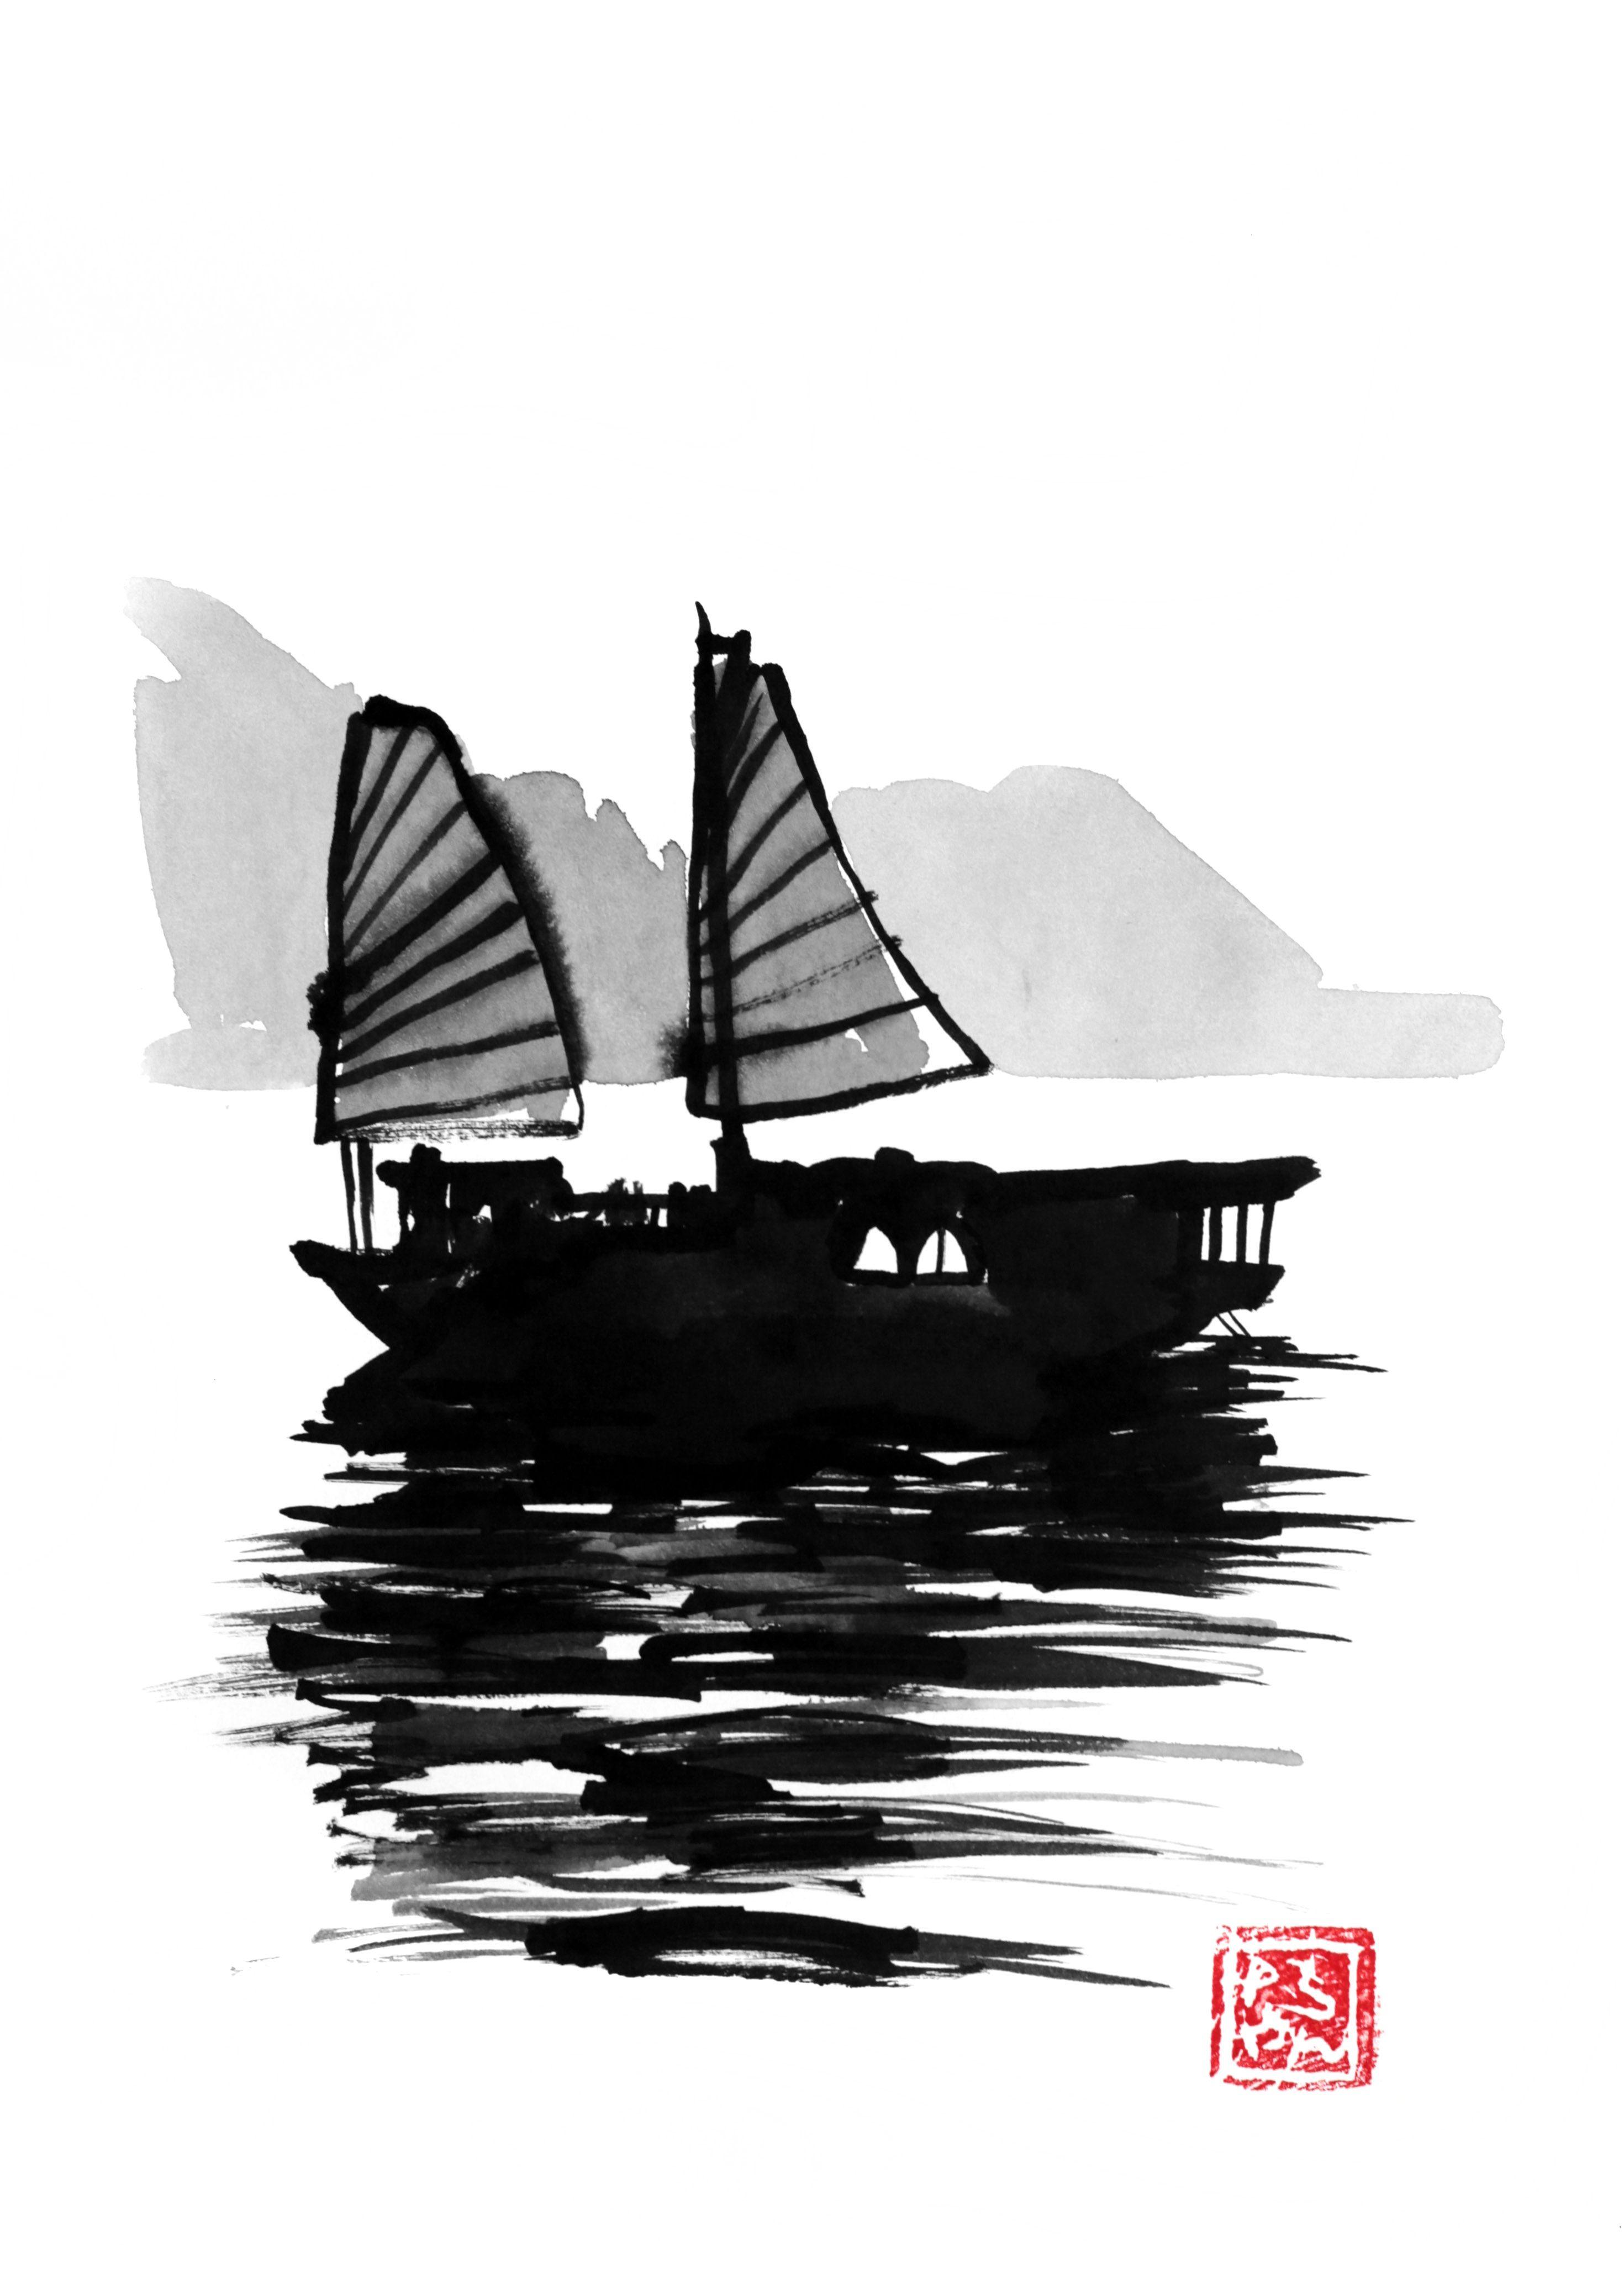 Epingle Par Bob Dickinson Sur Encre De Chine En 2020 Peinture Bateau Les Arts Encre De Chine